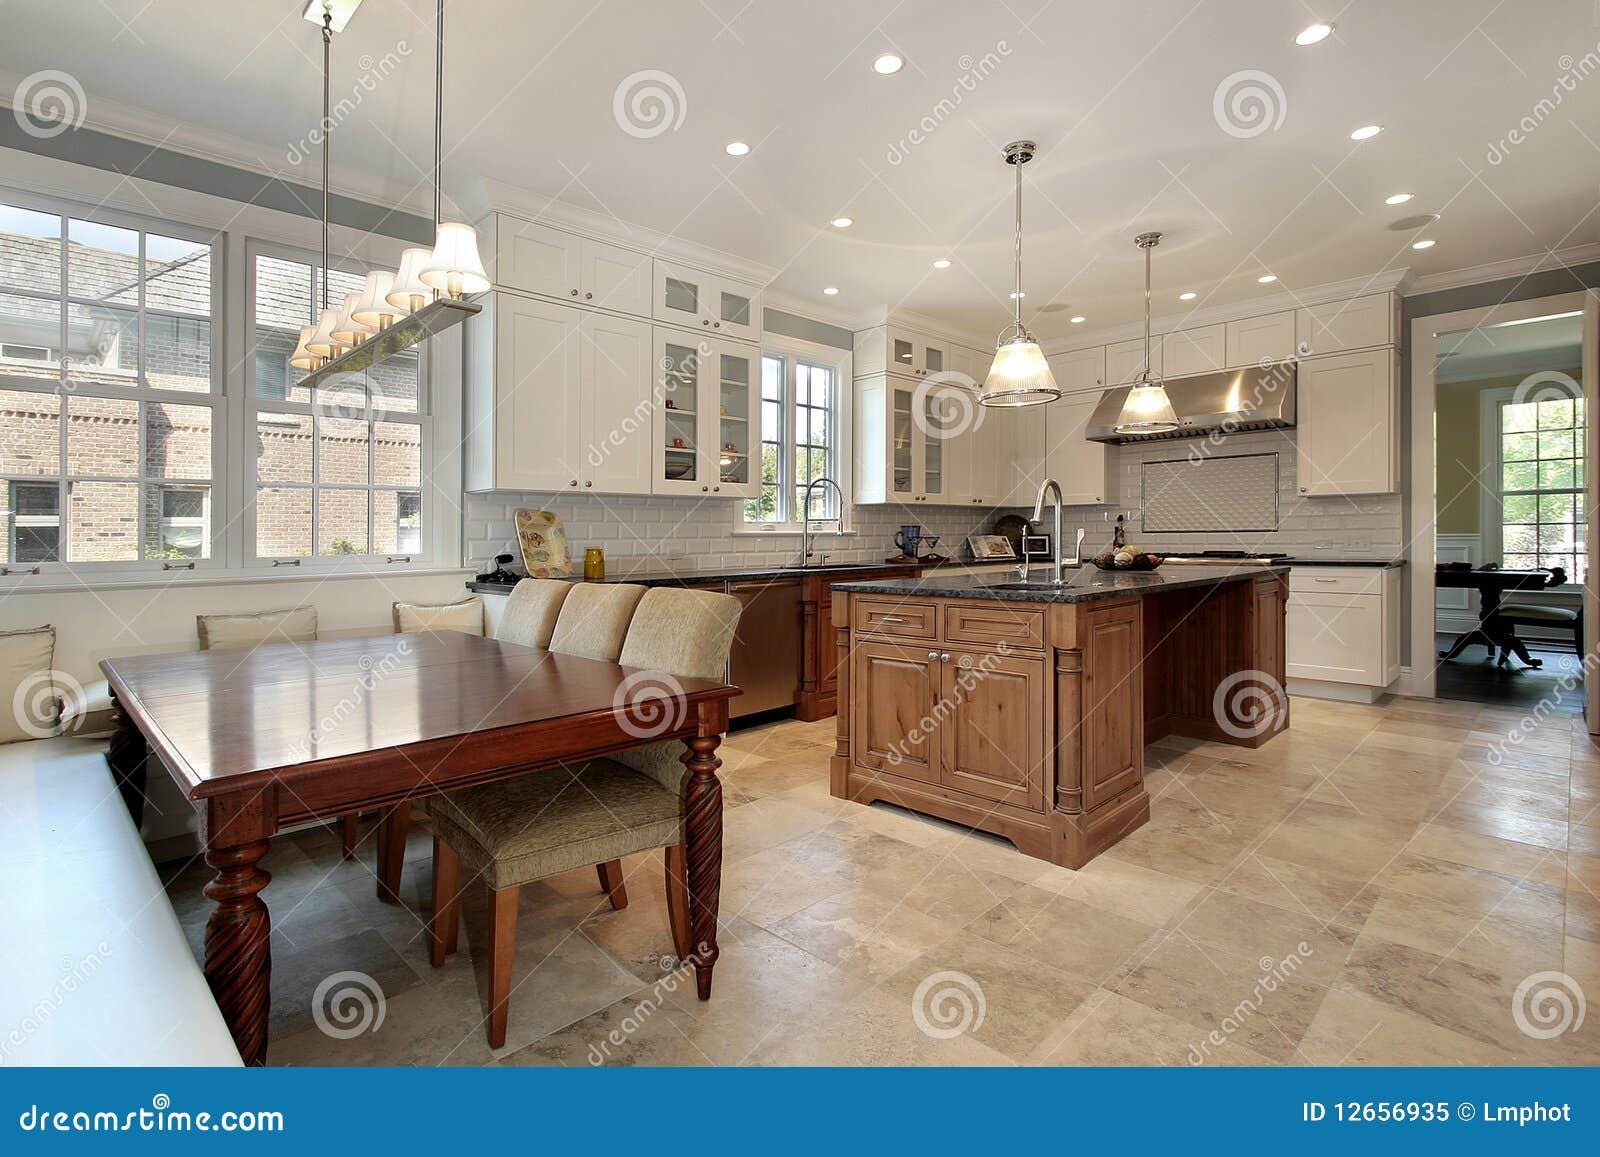 Kuche Mit Essenbereich Und Bank Stockbild Bild Von Innen Luxus